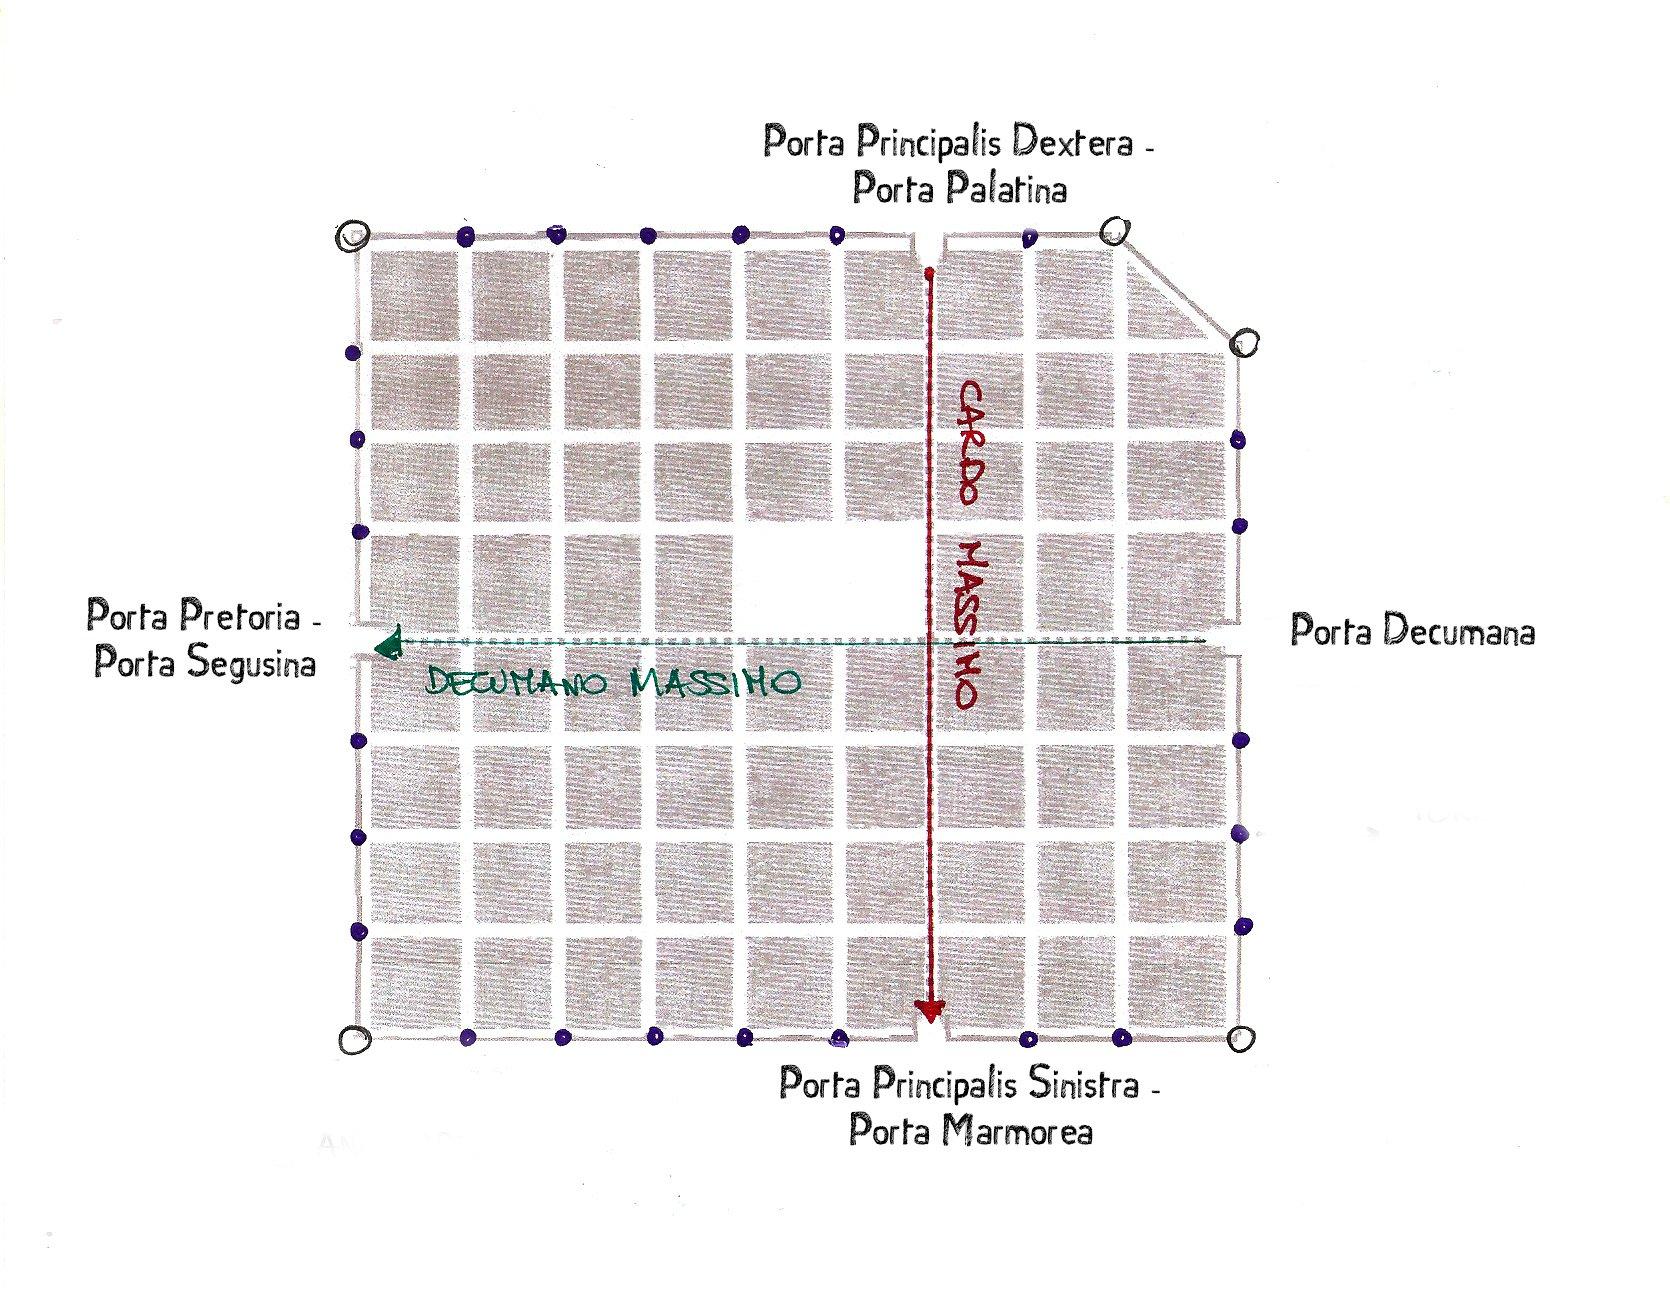 Porte di Iulia Augusta Taurinorum - piantina